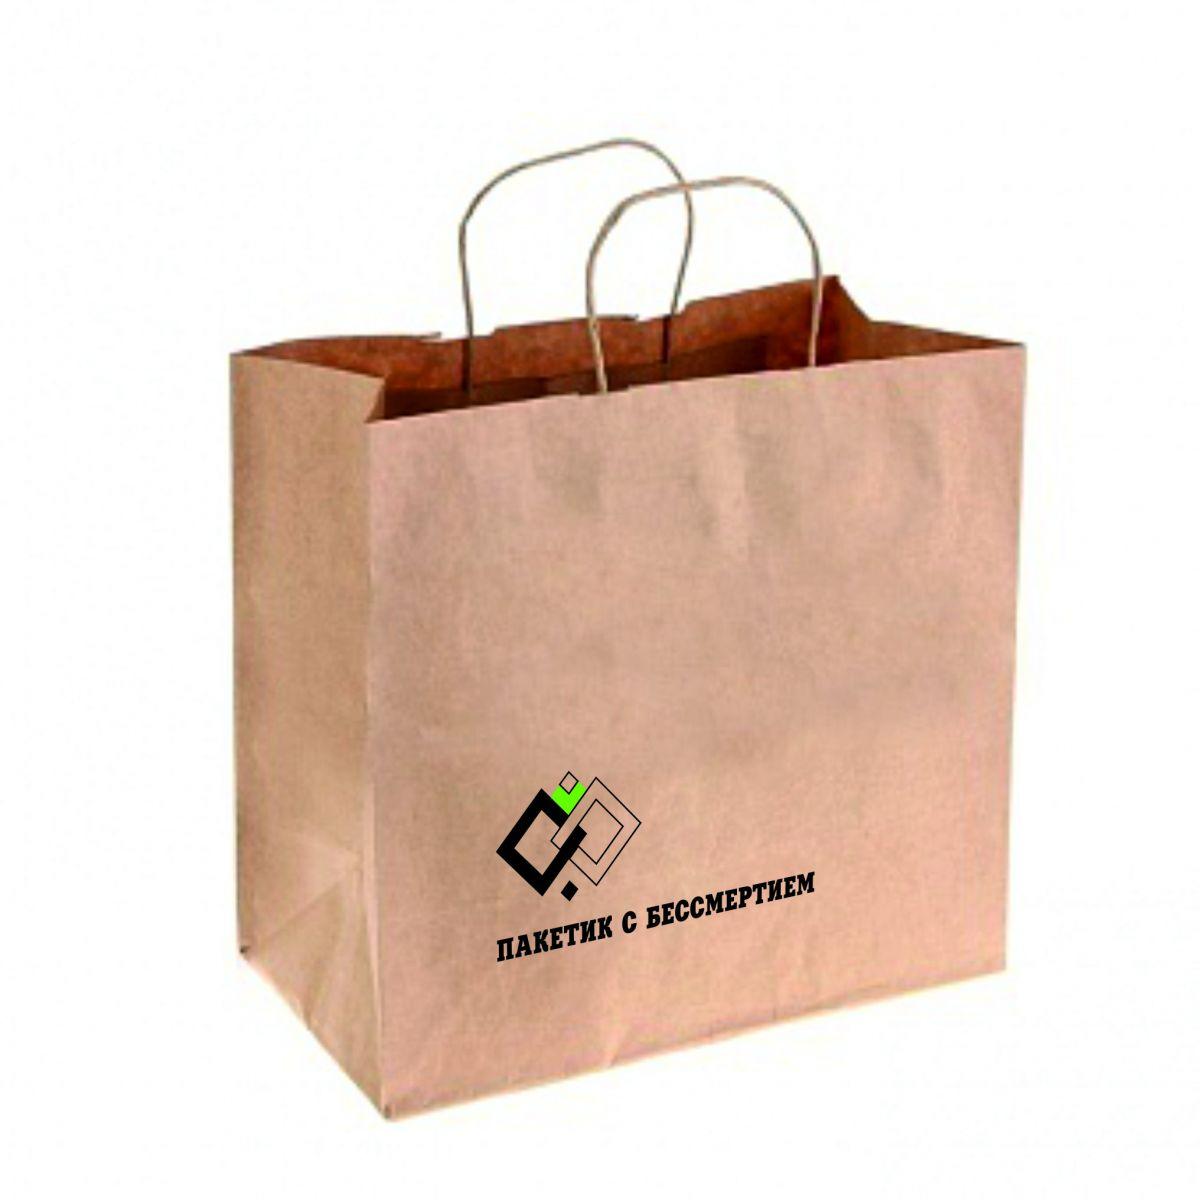 Производство пакетов с логотипом ижевск